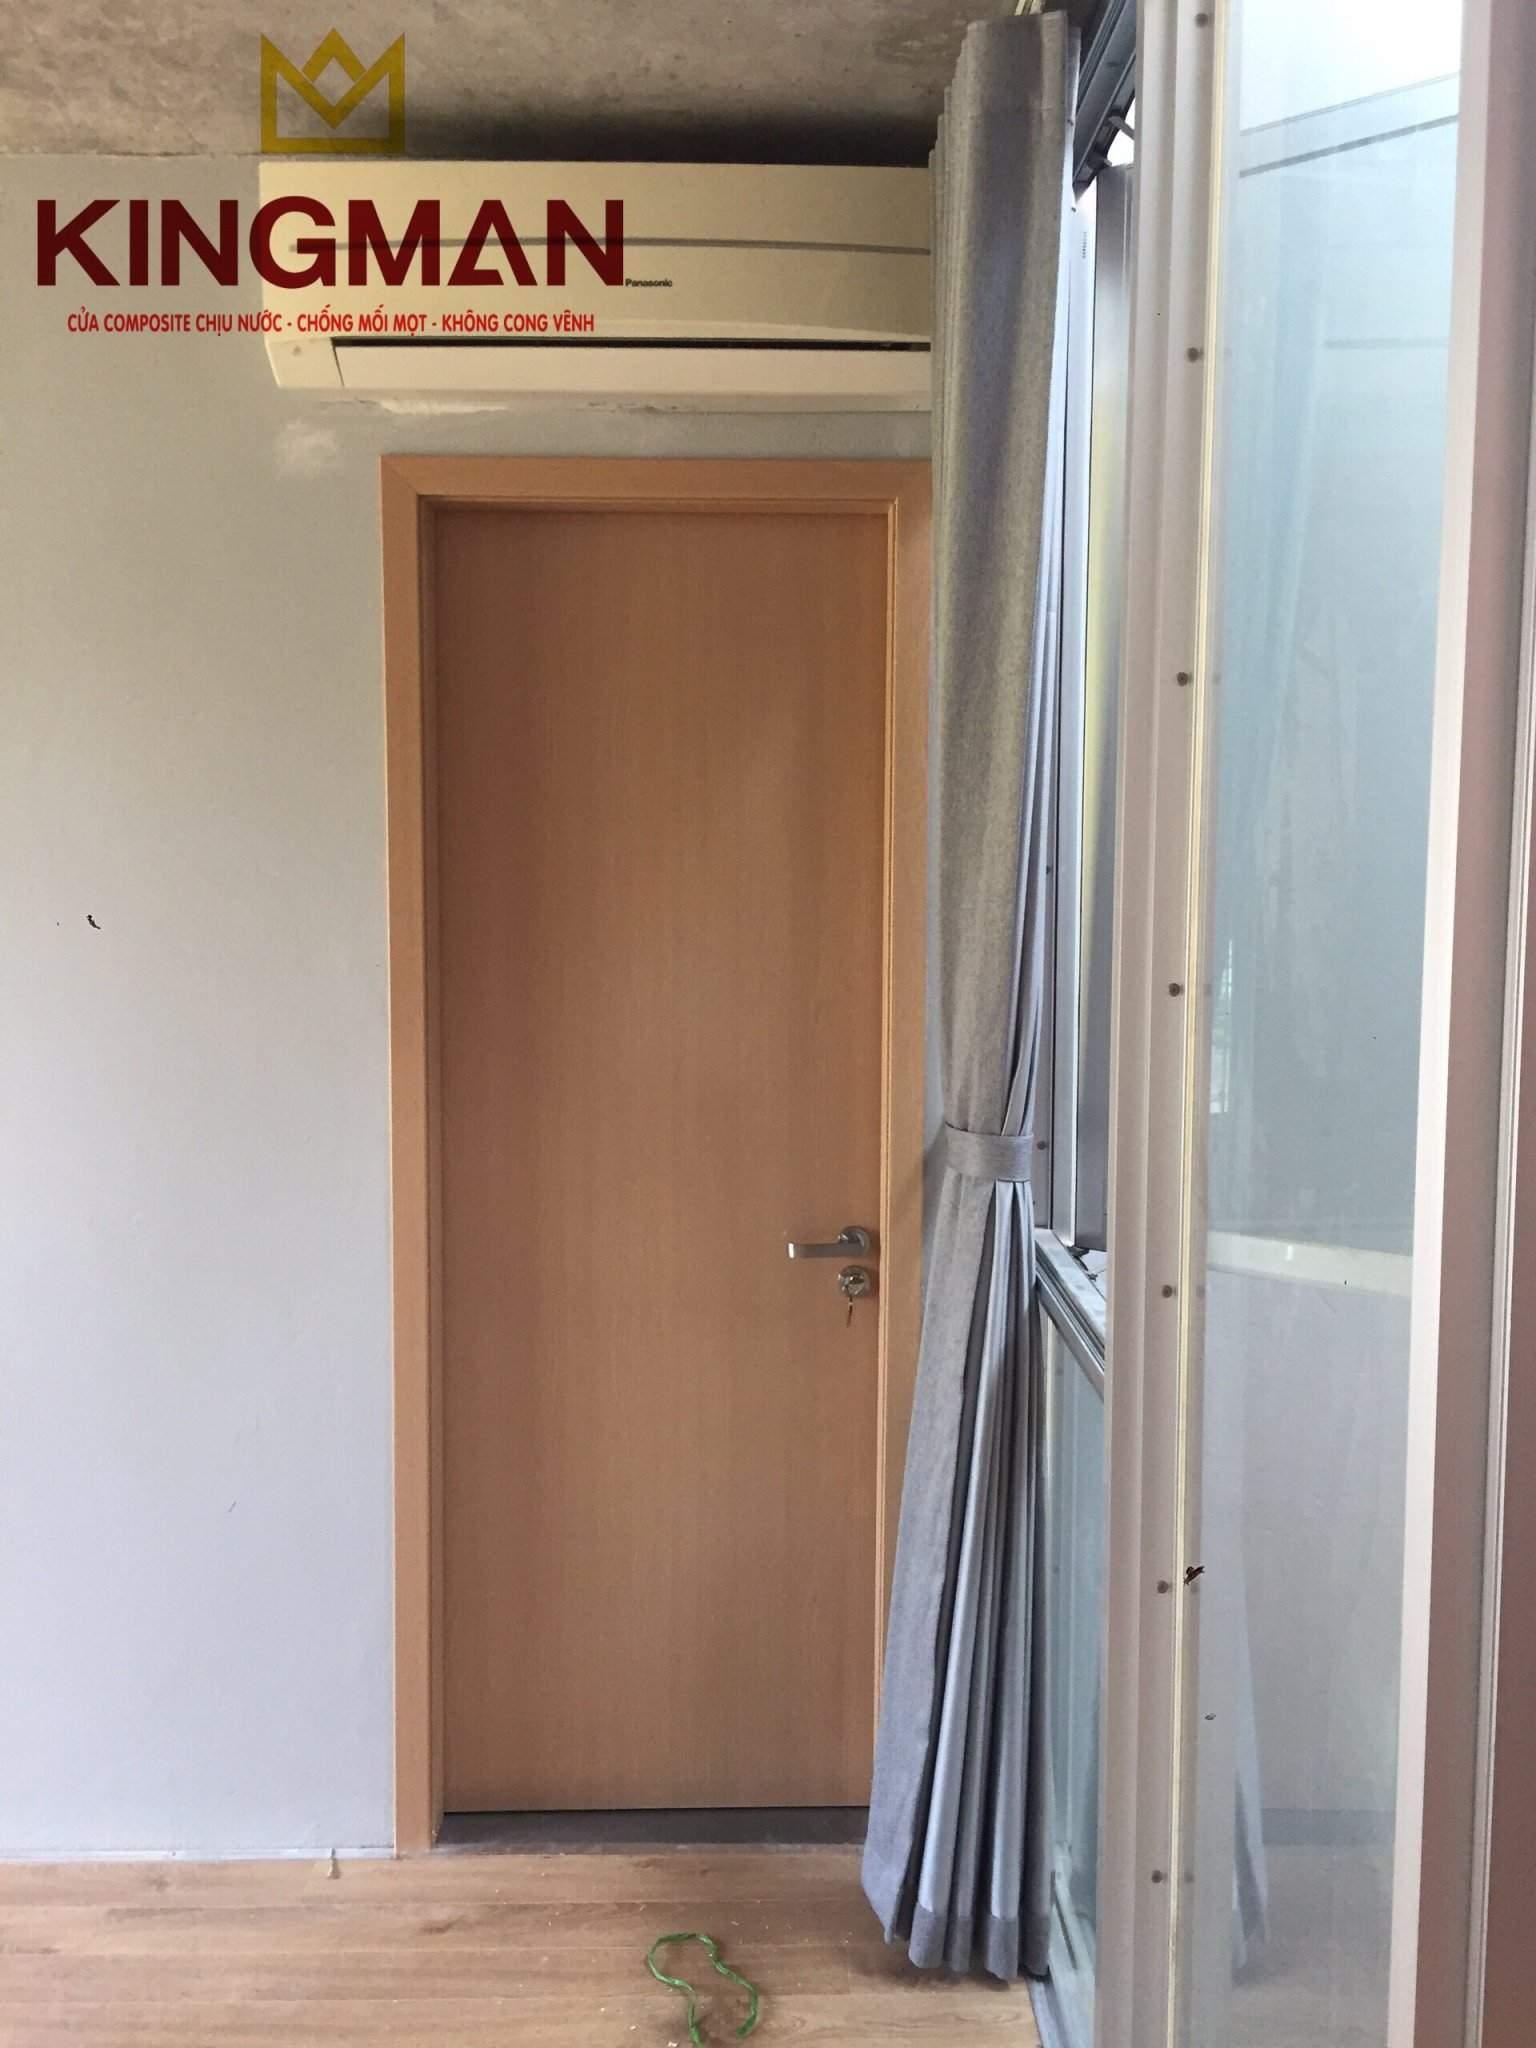 Cửa Kiểu Phẳng màu KM-24